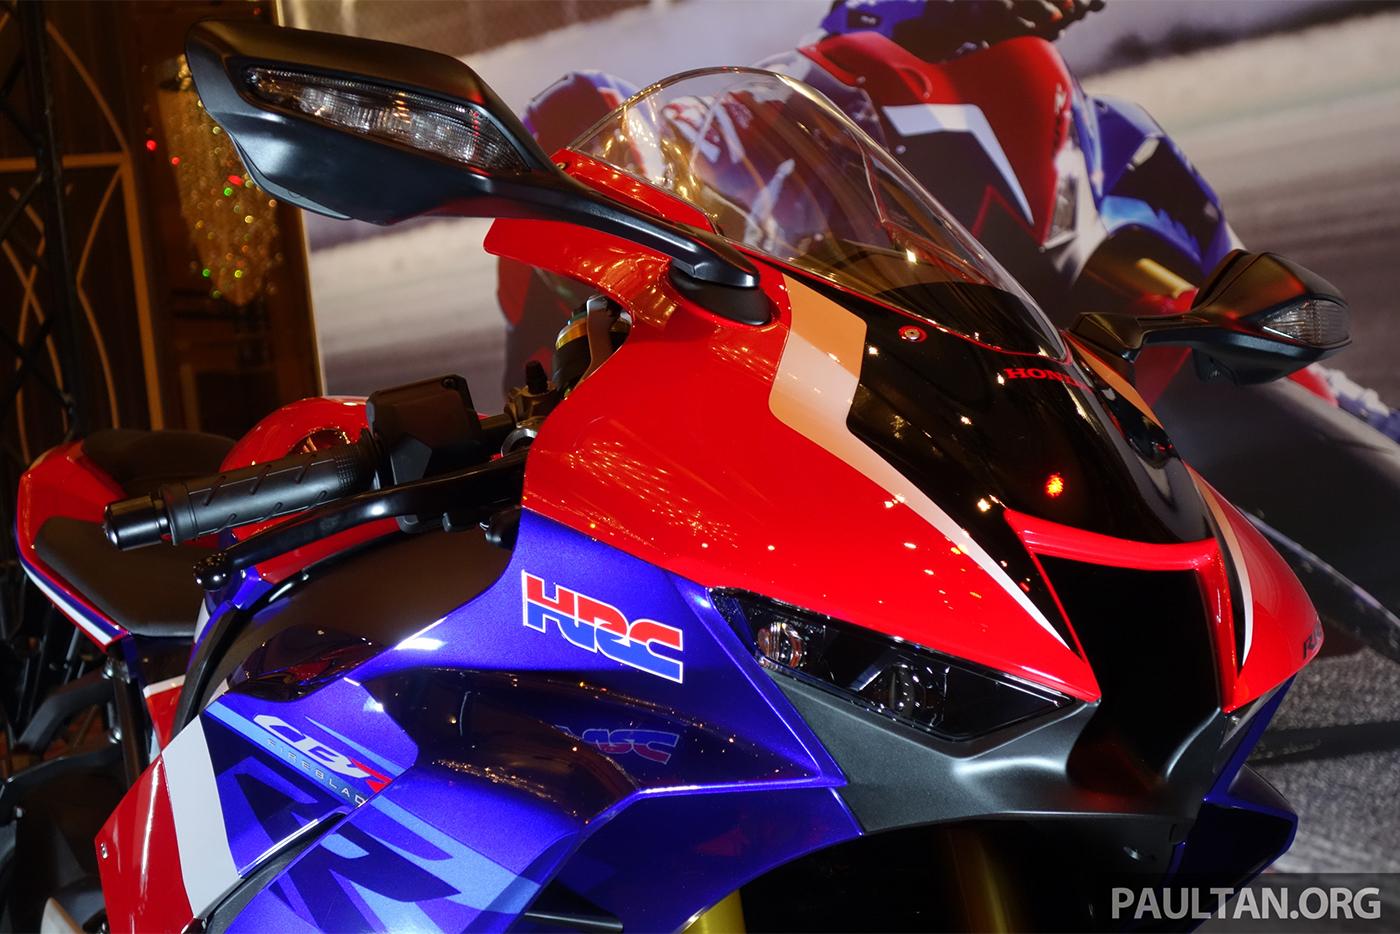 2020-honda-cbr1000rr-r-fireblade-sp-25.jpg